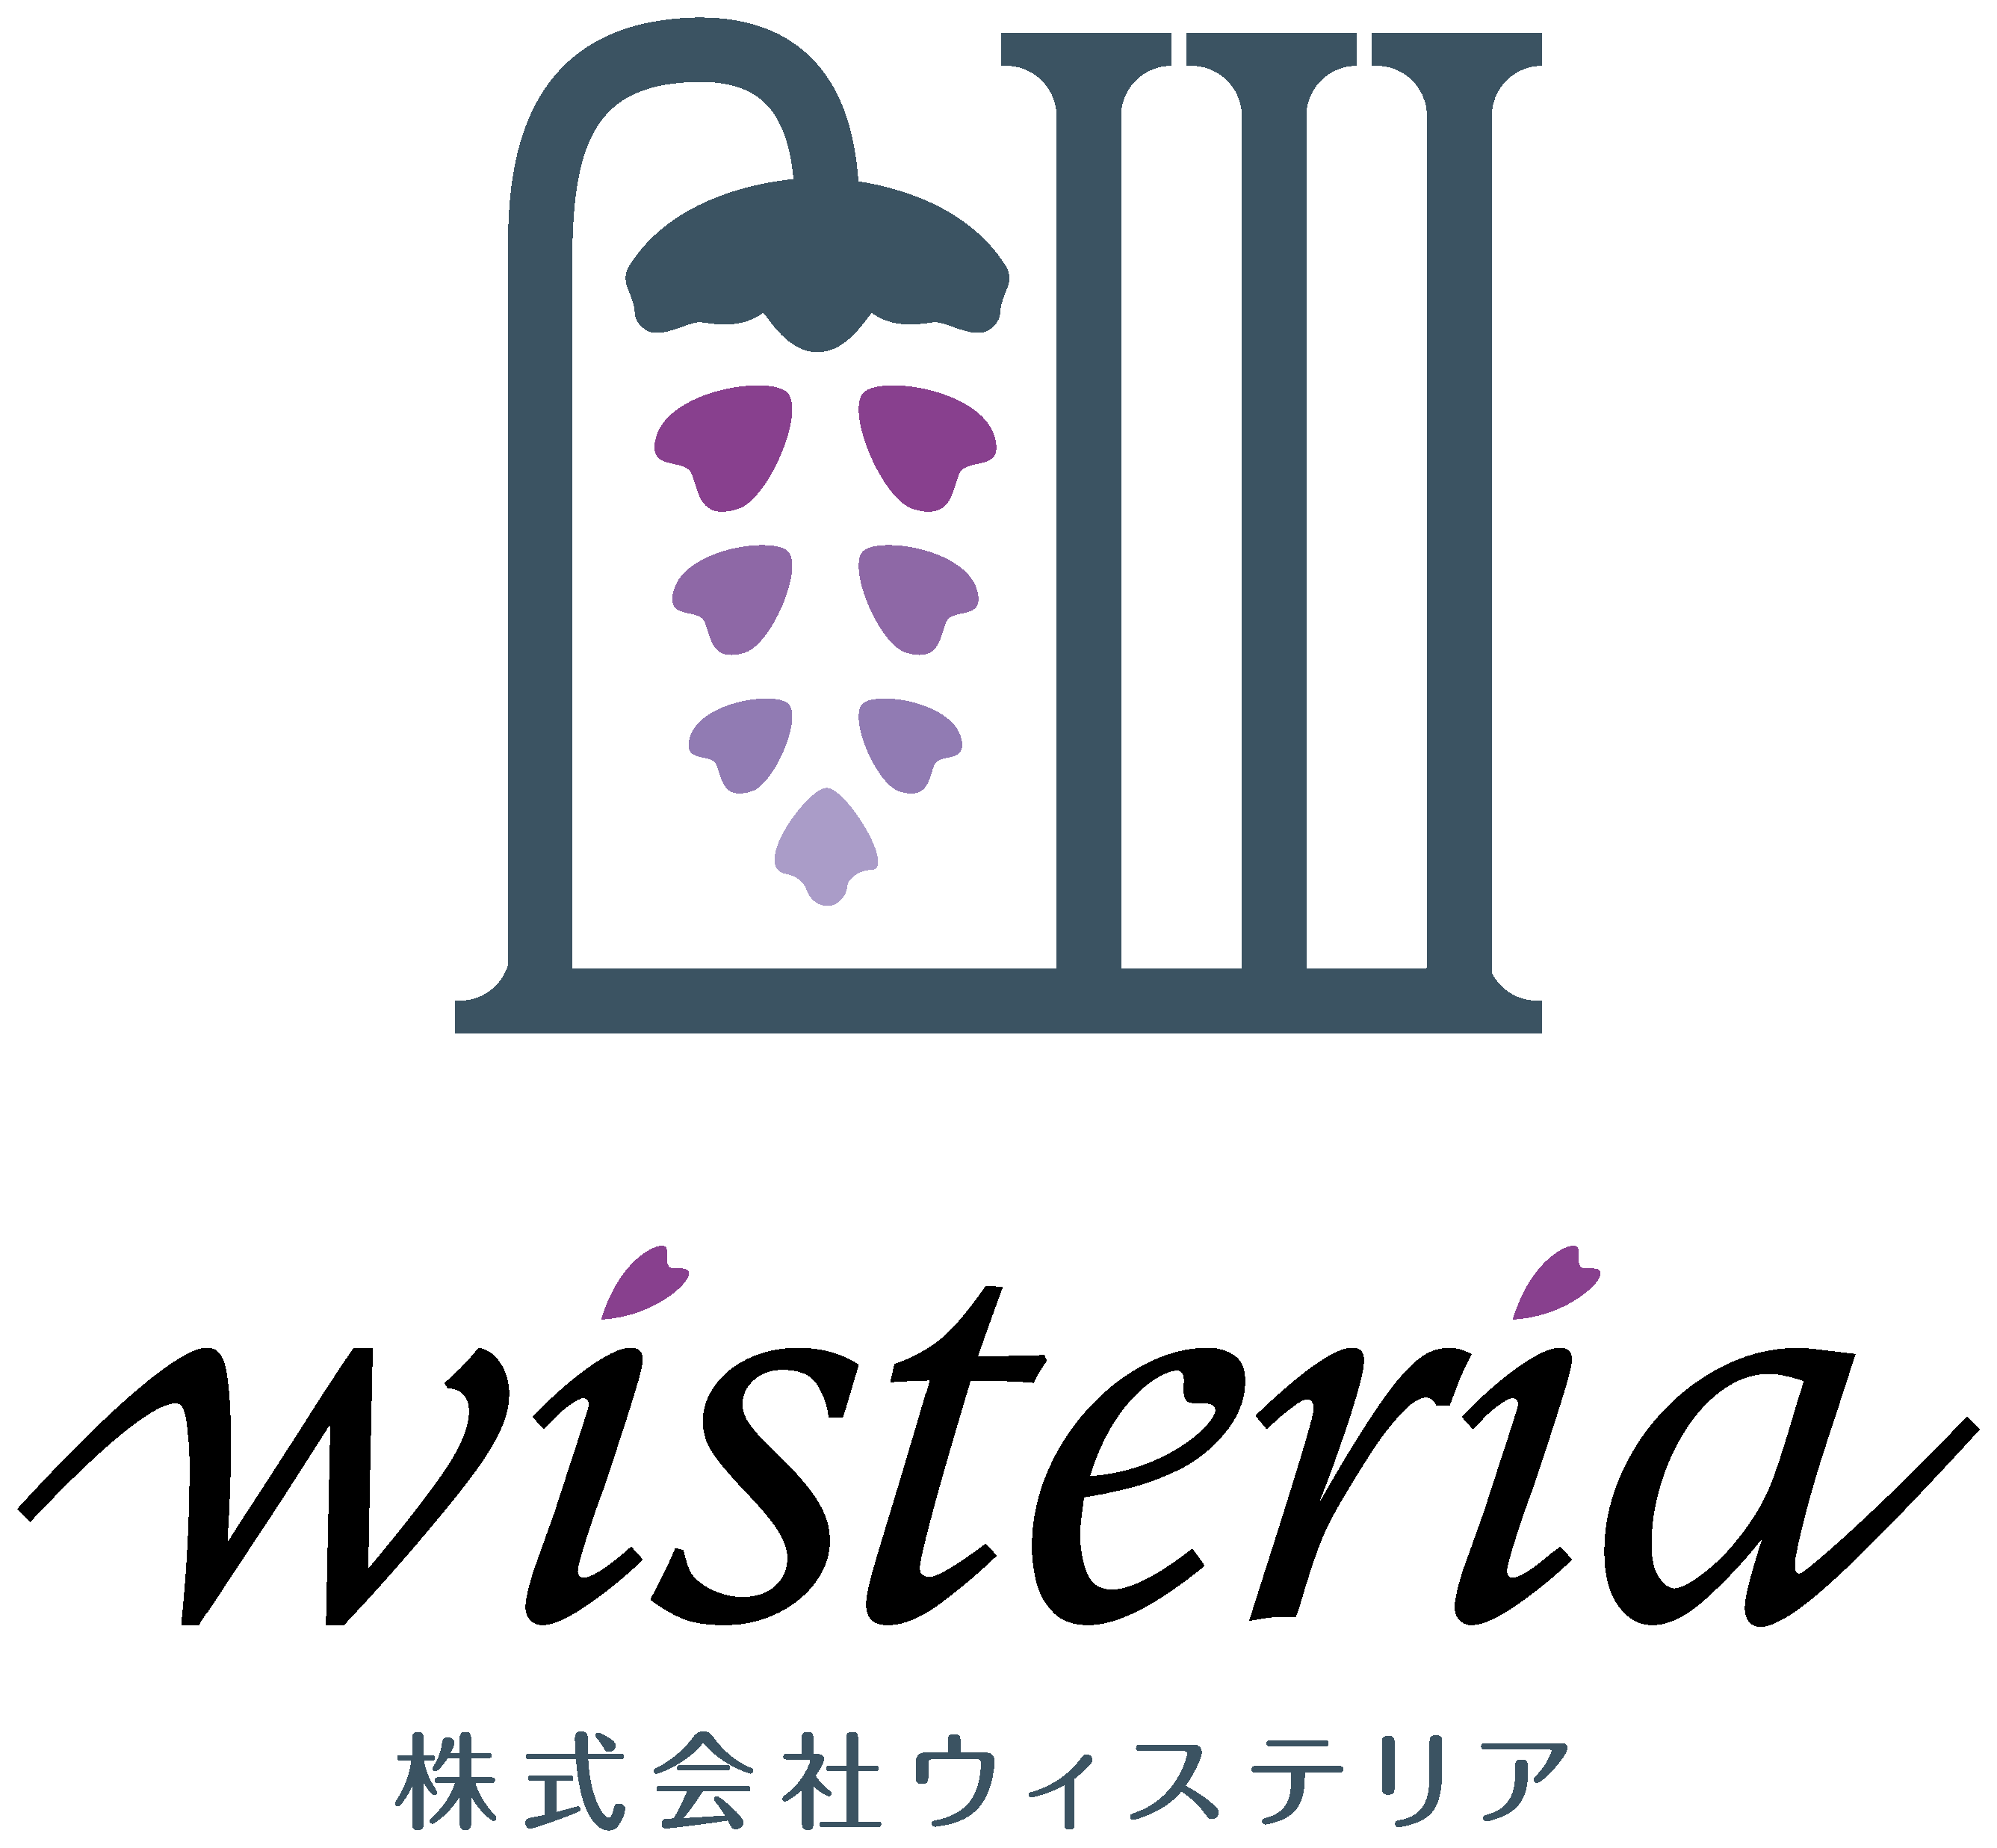 不動産業と親しみ/優しいと紫のロゴ